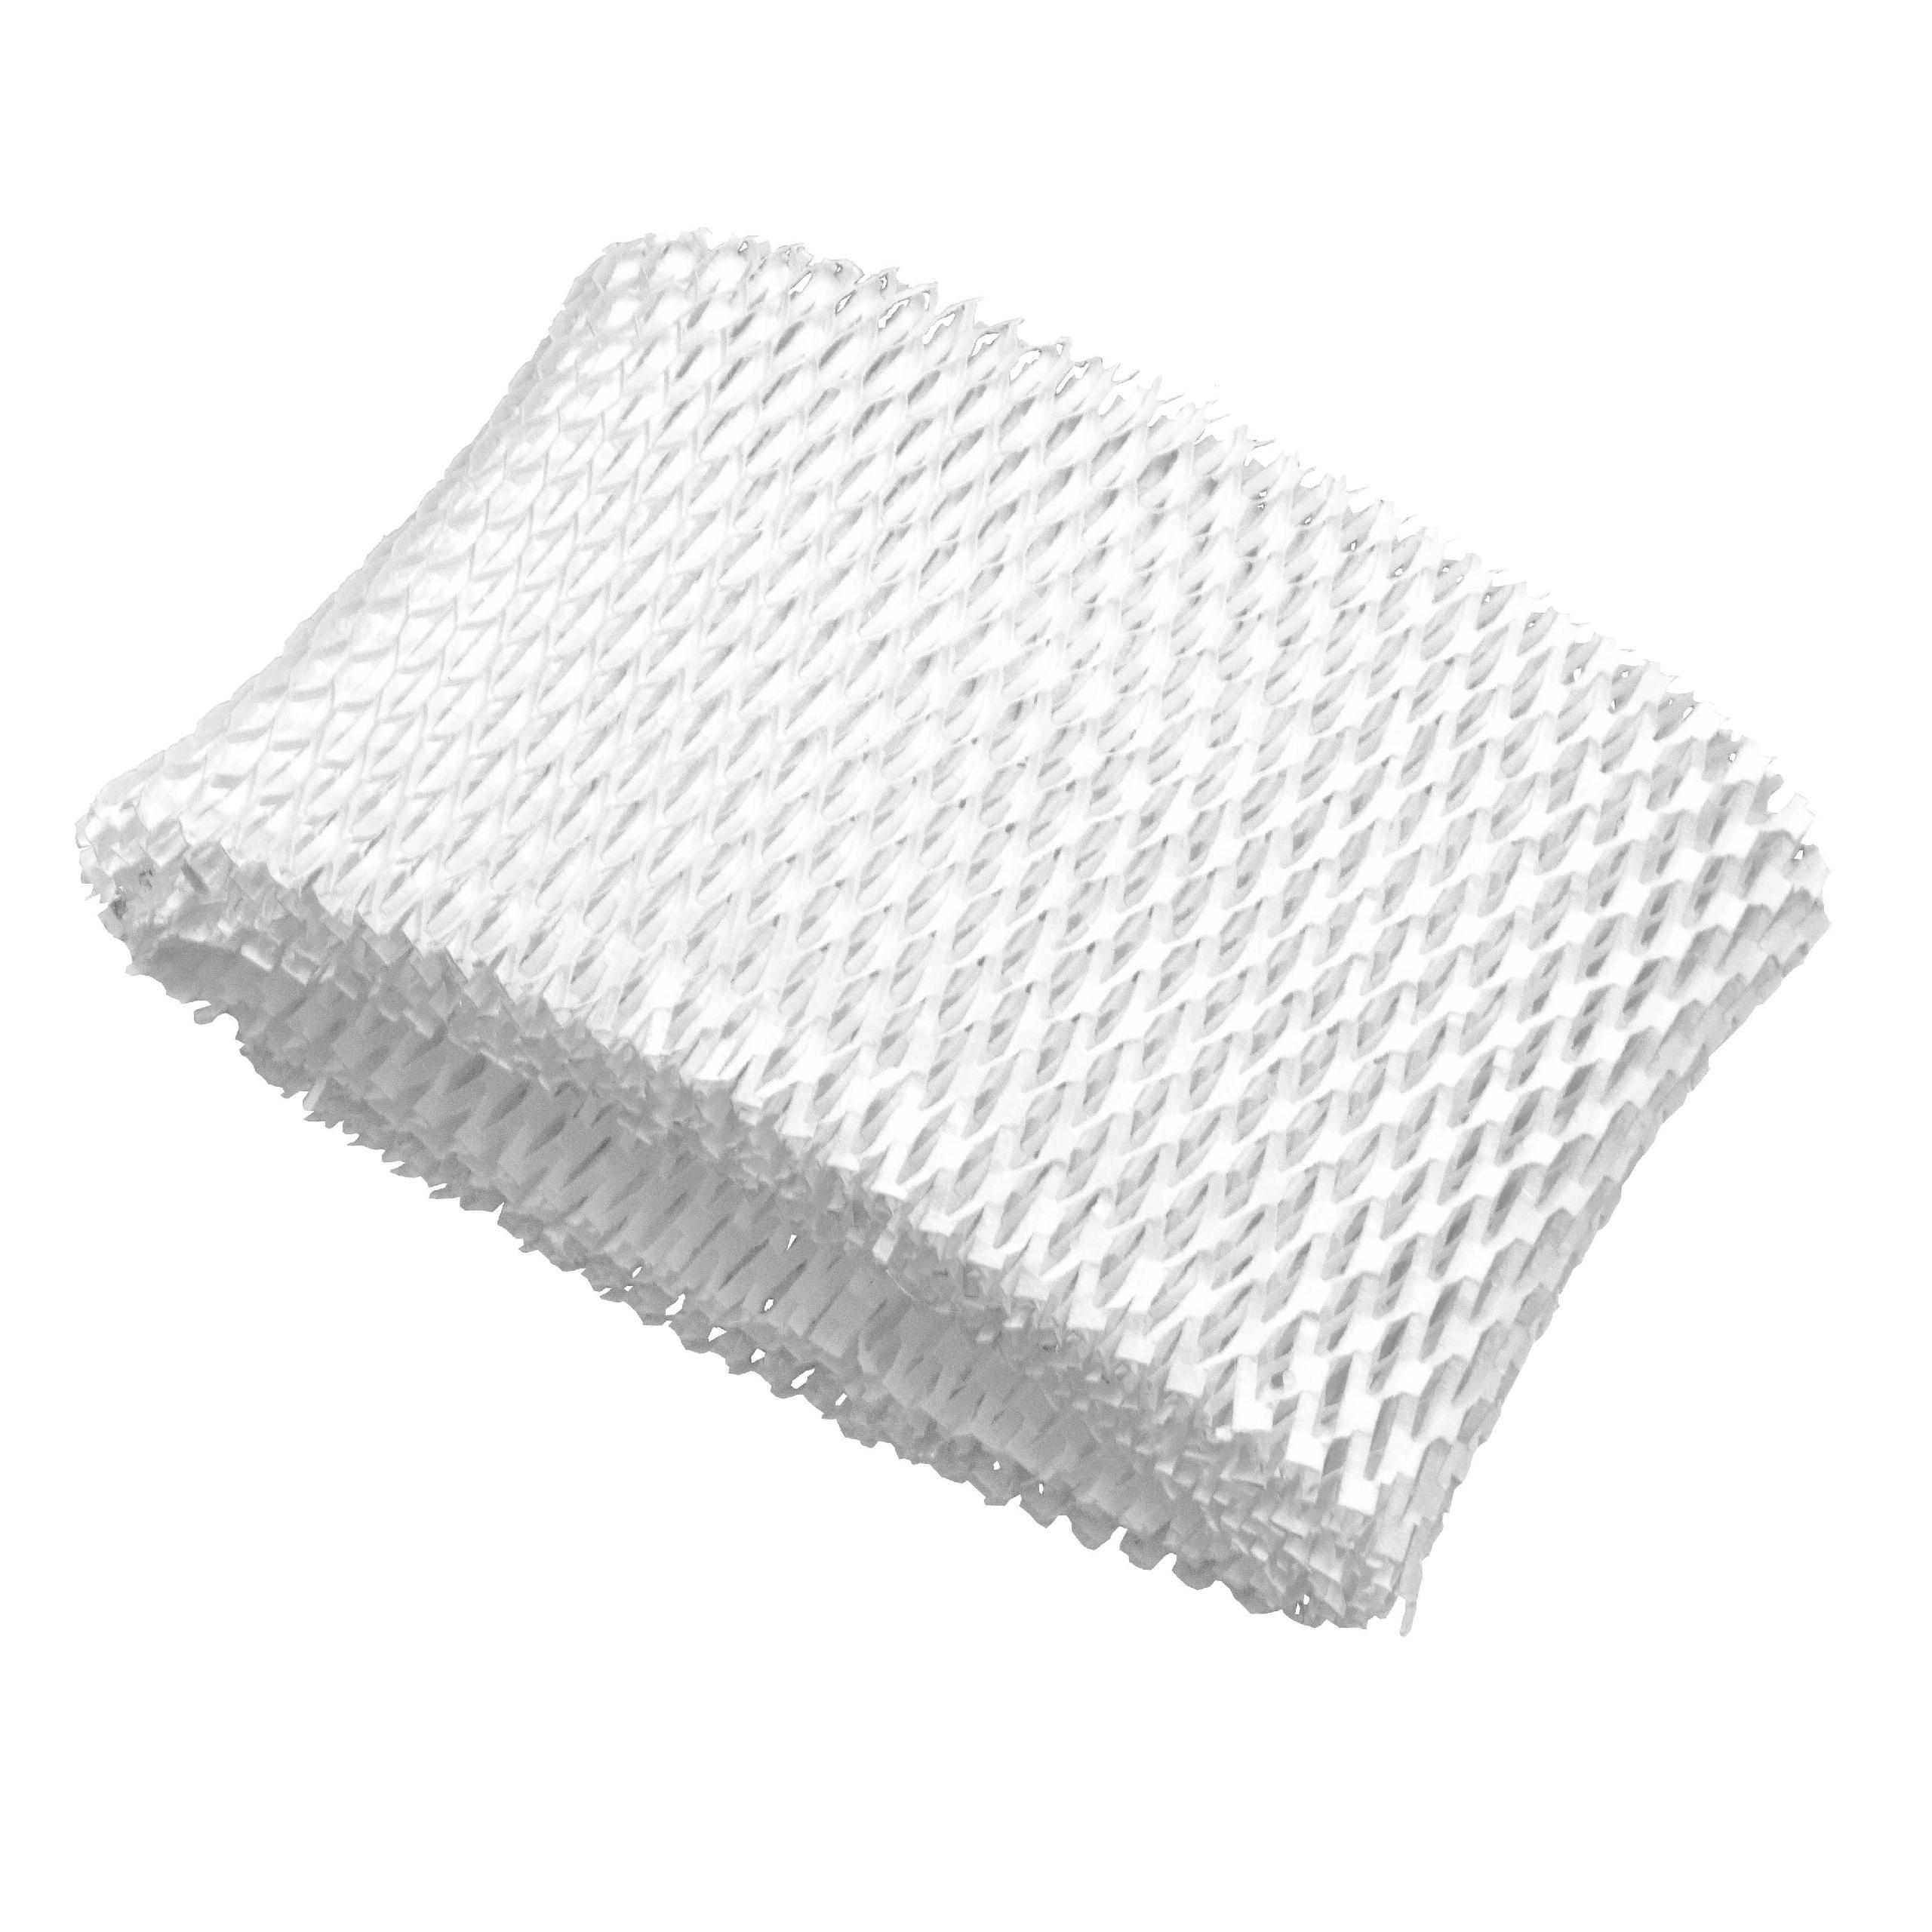 Luftbefeuchter Filter für Vicks Honeywell Sunbeam